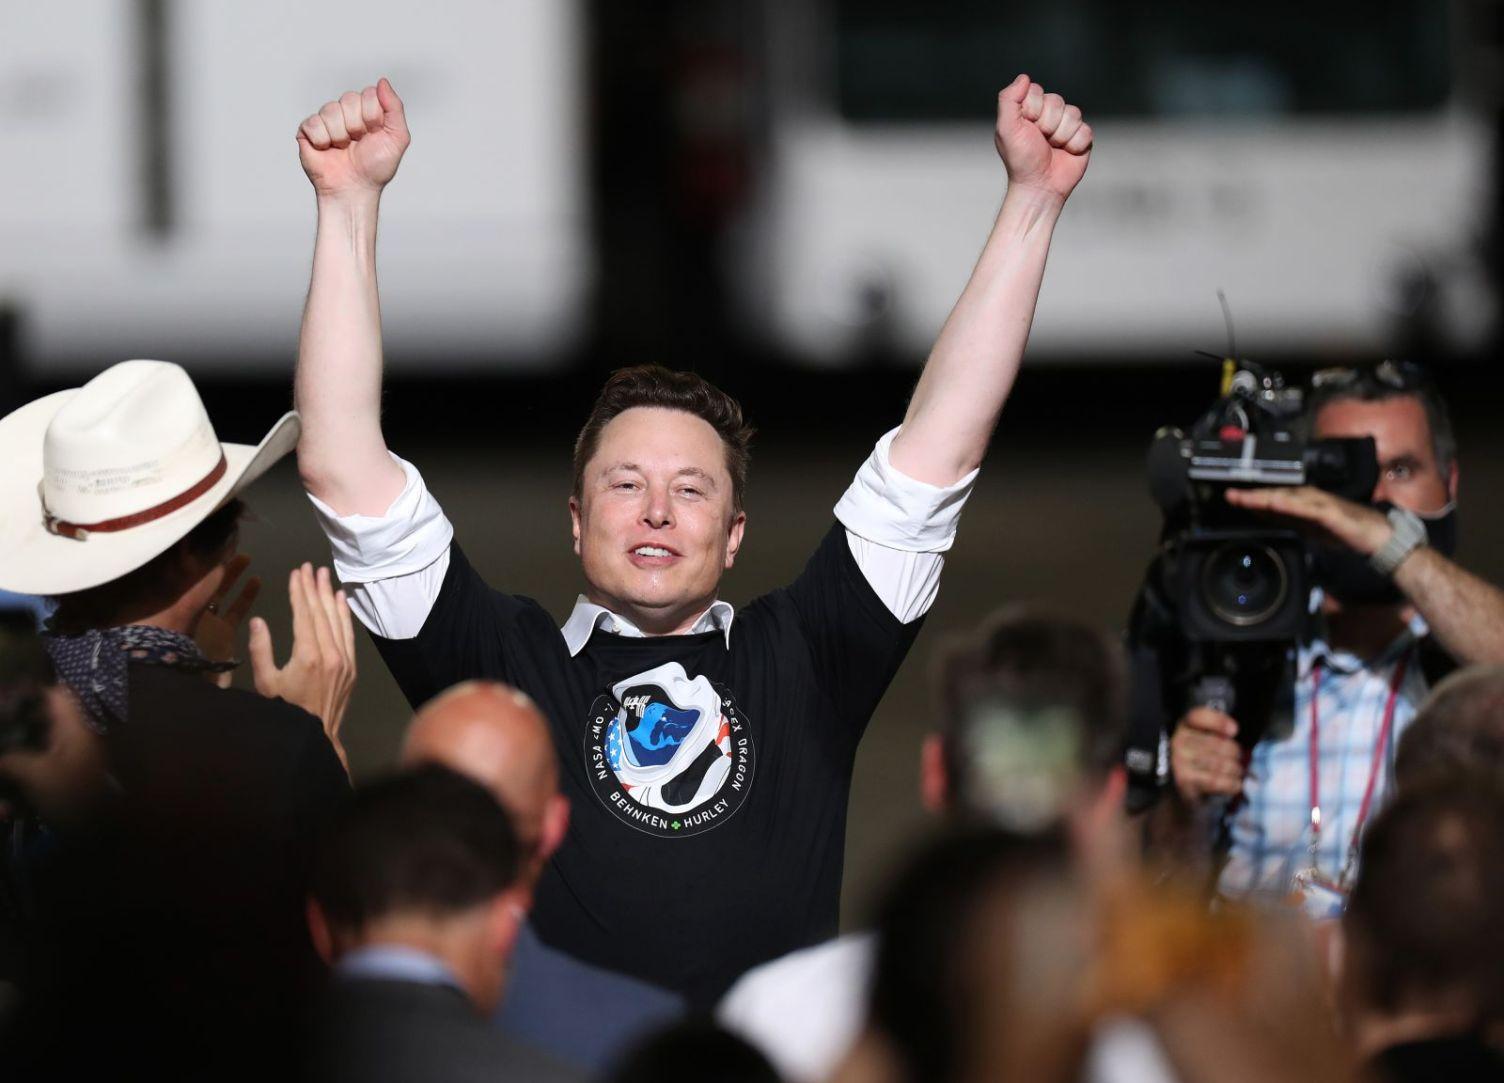 Il fondatore di SpaceX Elon Musk celebra dopo il successo del lancio.